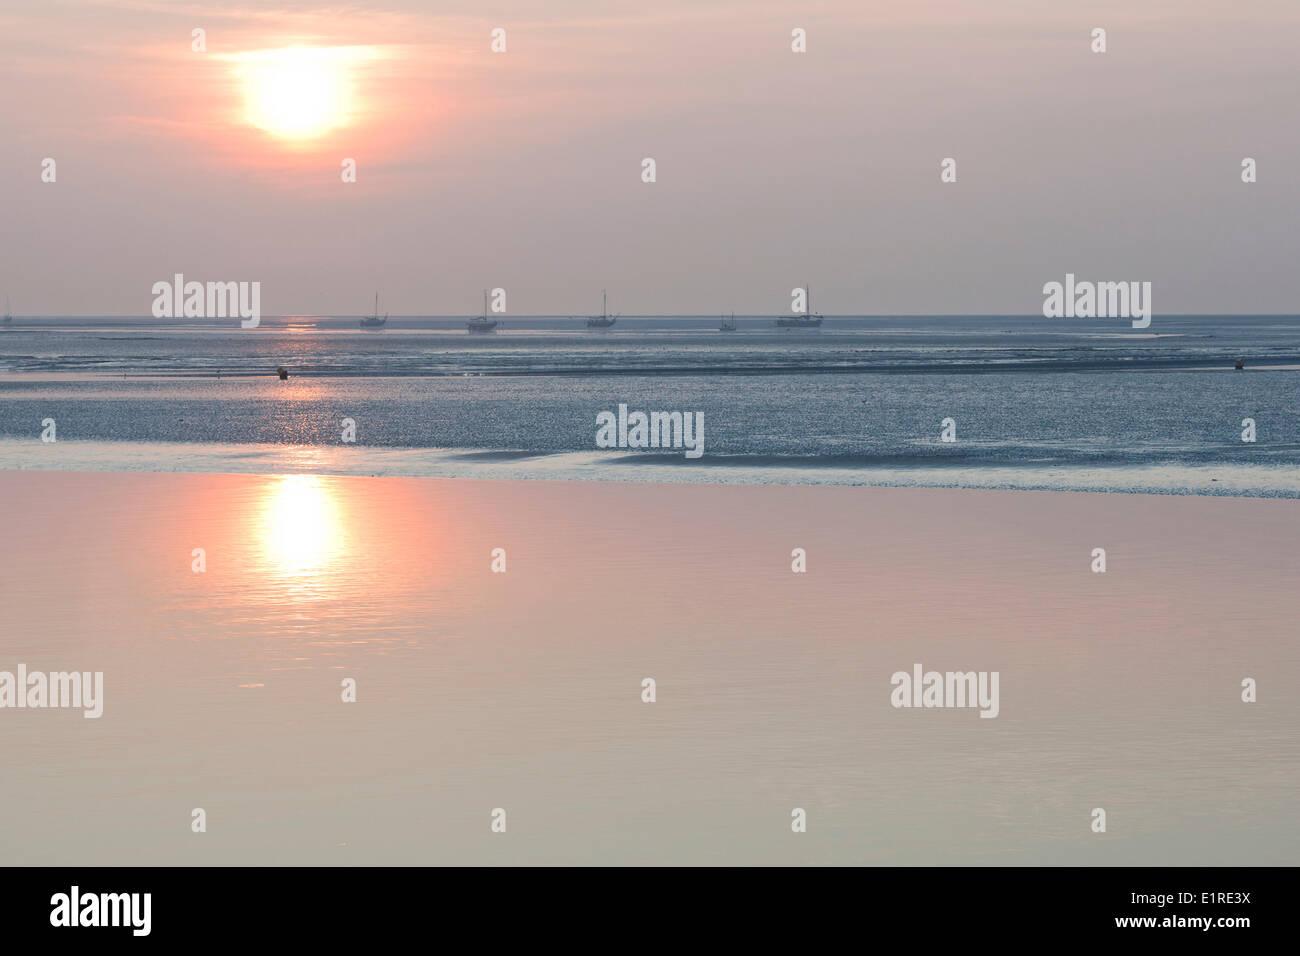 El Mar de Wadden entre Schiermonnikoog y Lauwersoog a puesta de sol. Foto de stock